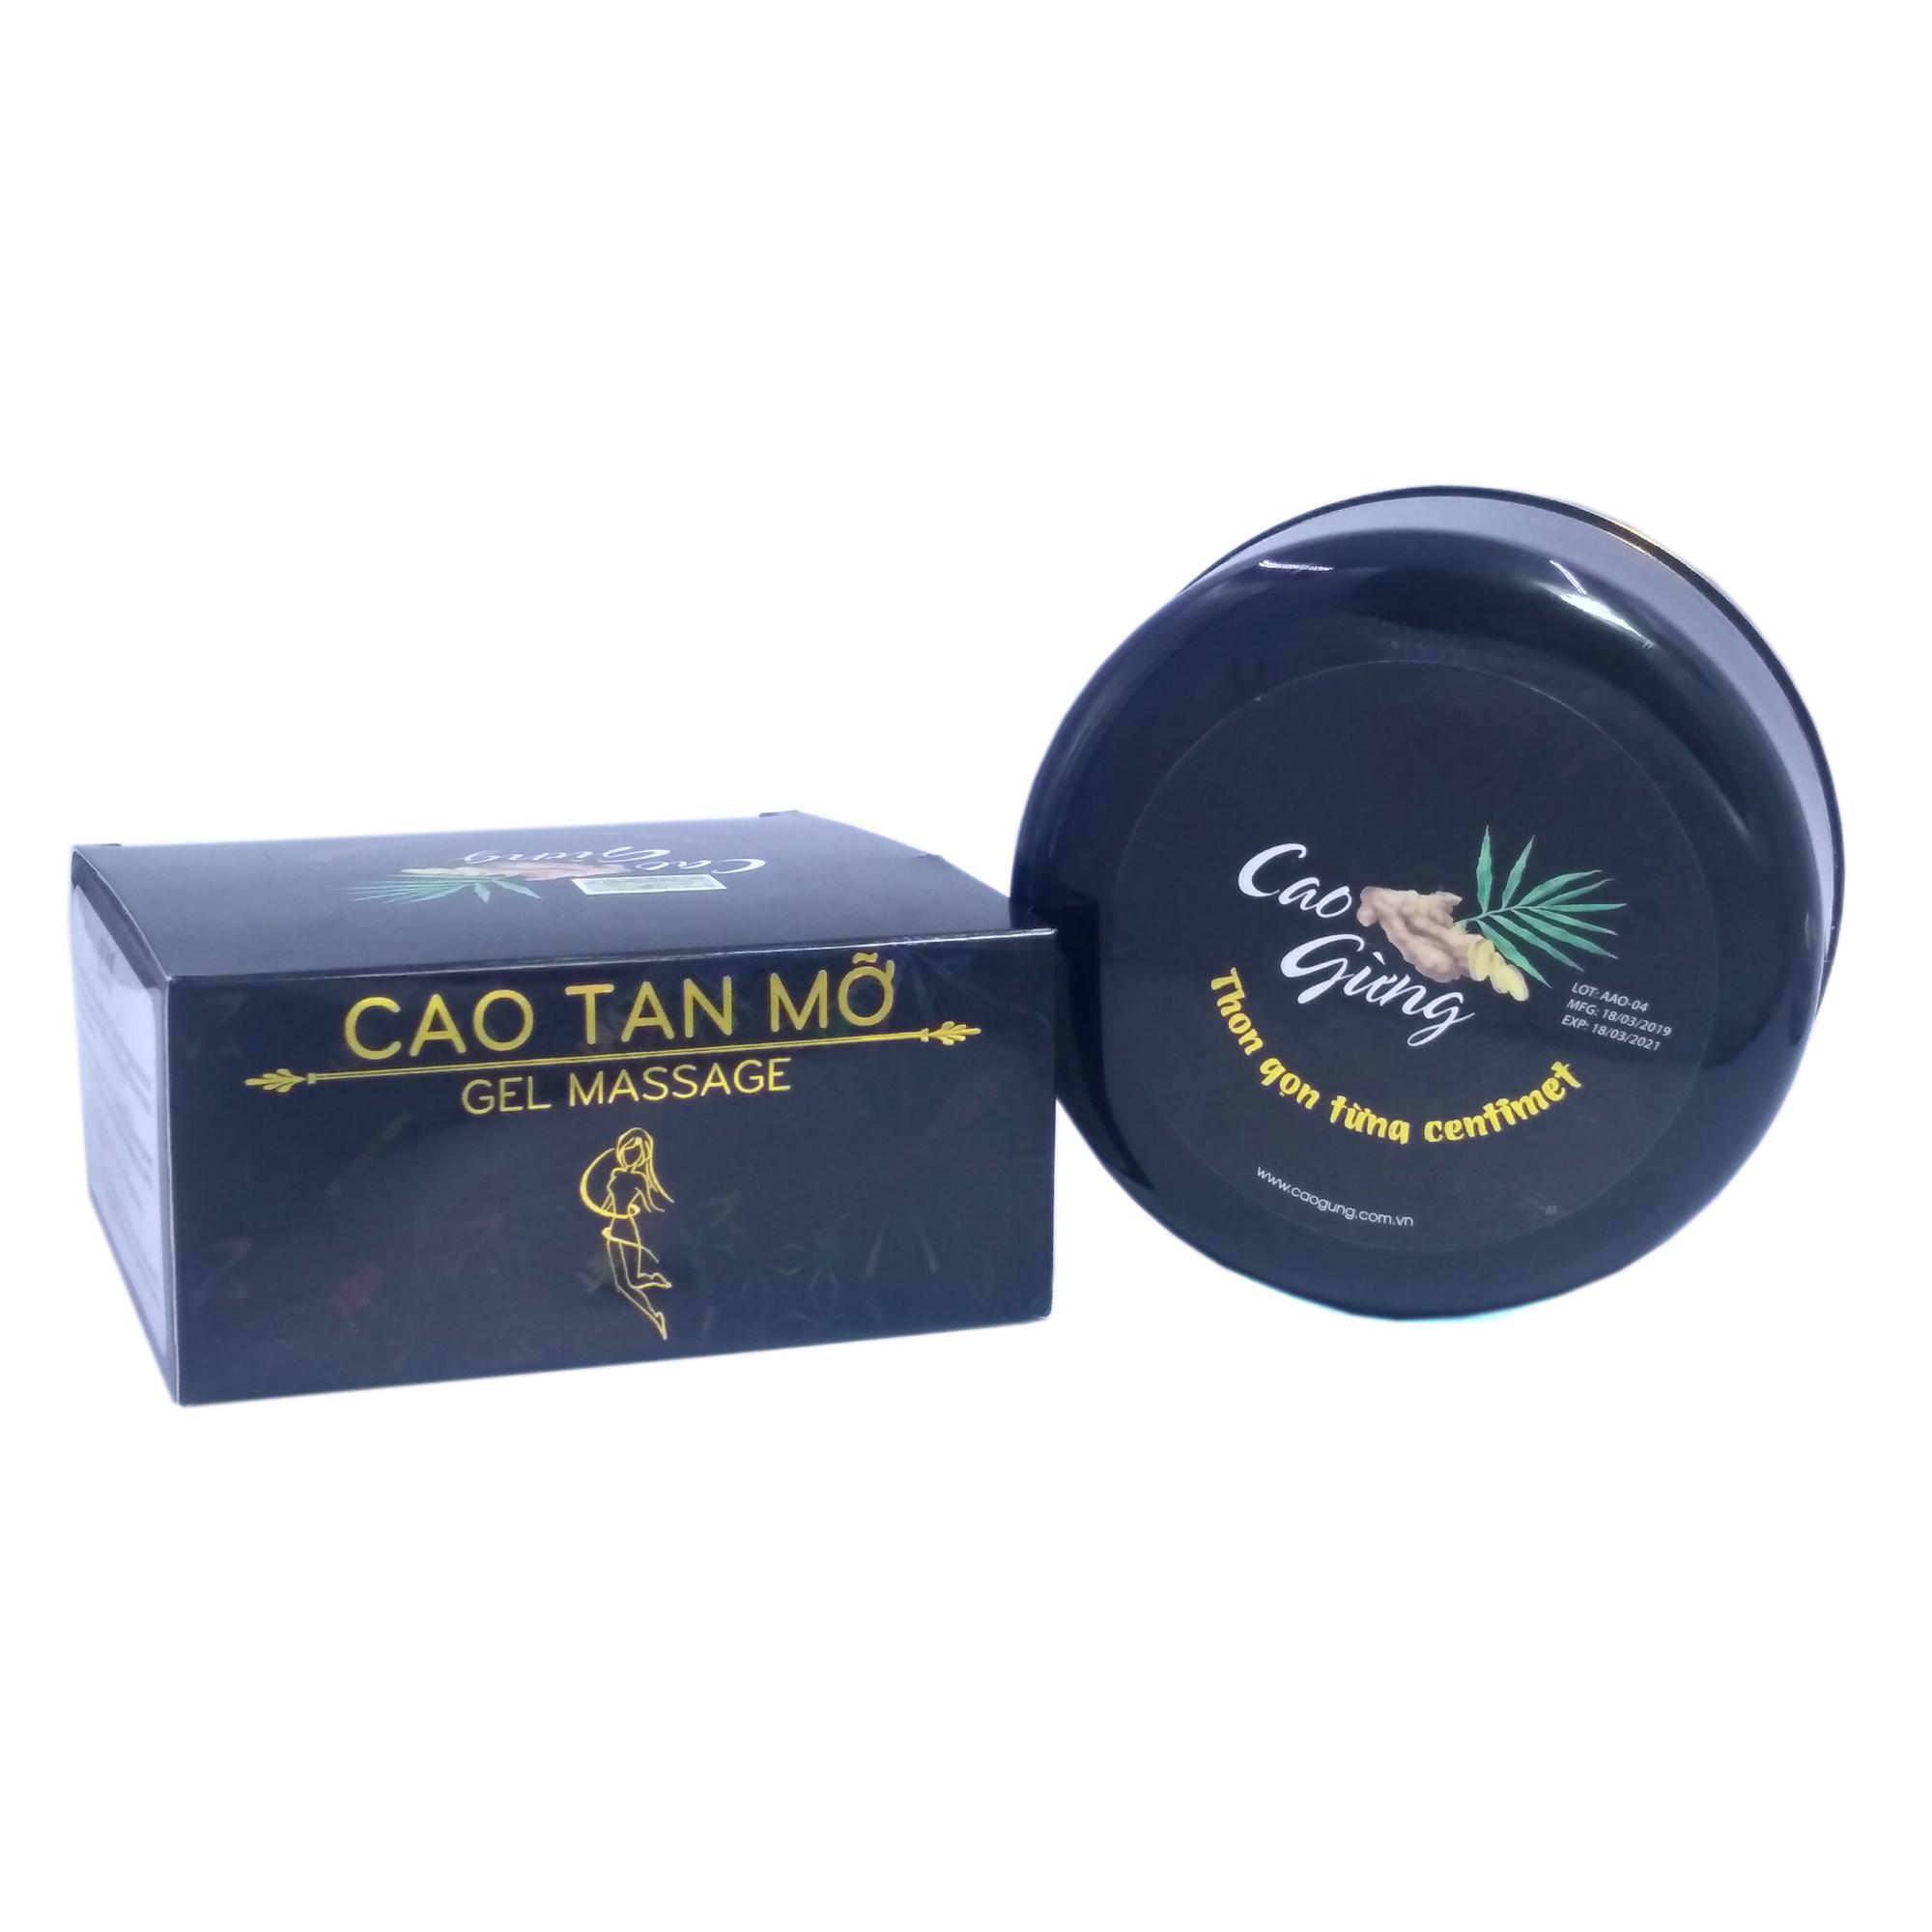 Cao gừng tan mỡ thon gọn từng centimet Thiên Nhiên Việt 200g (Đen) cao cấp